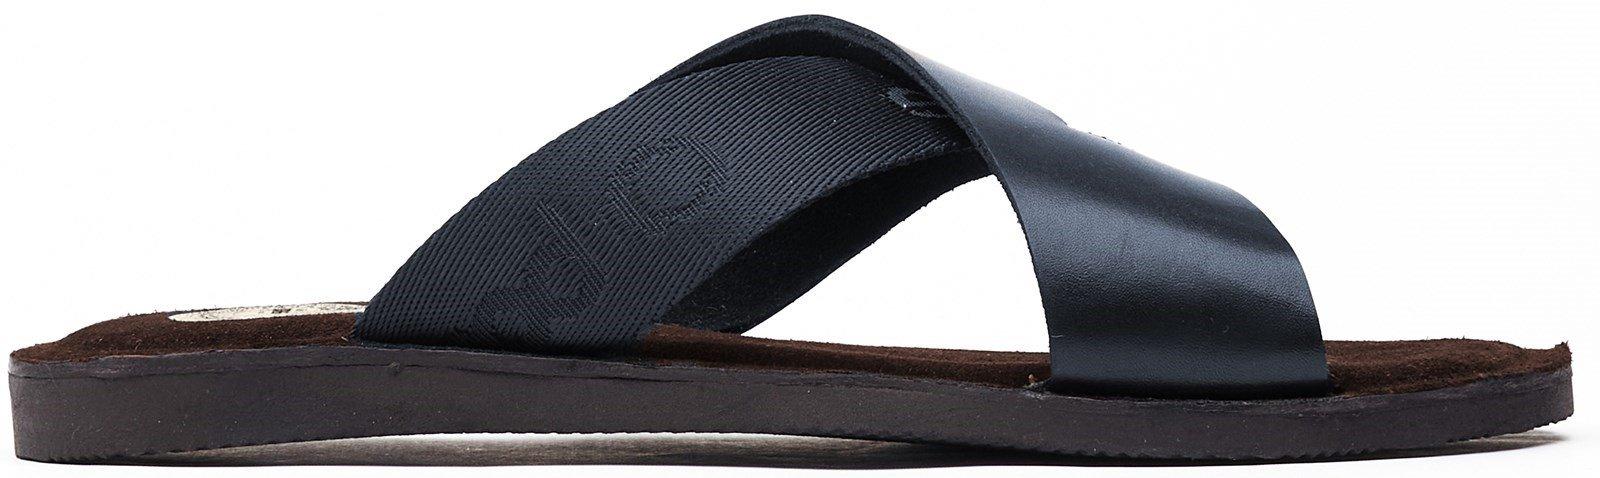 Base London Men's Miso Slip On Sandal Various Colours 32261 - Navy 7